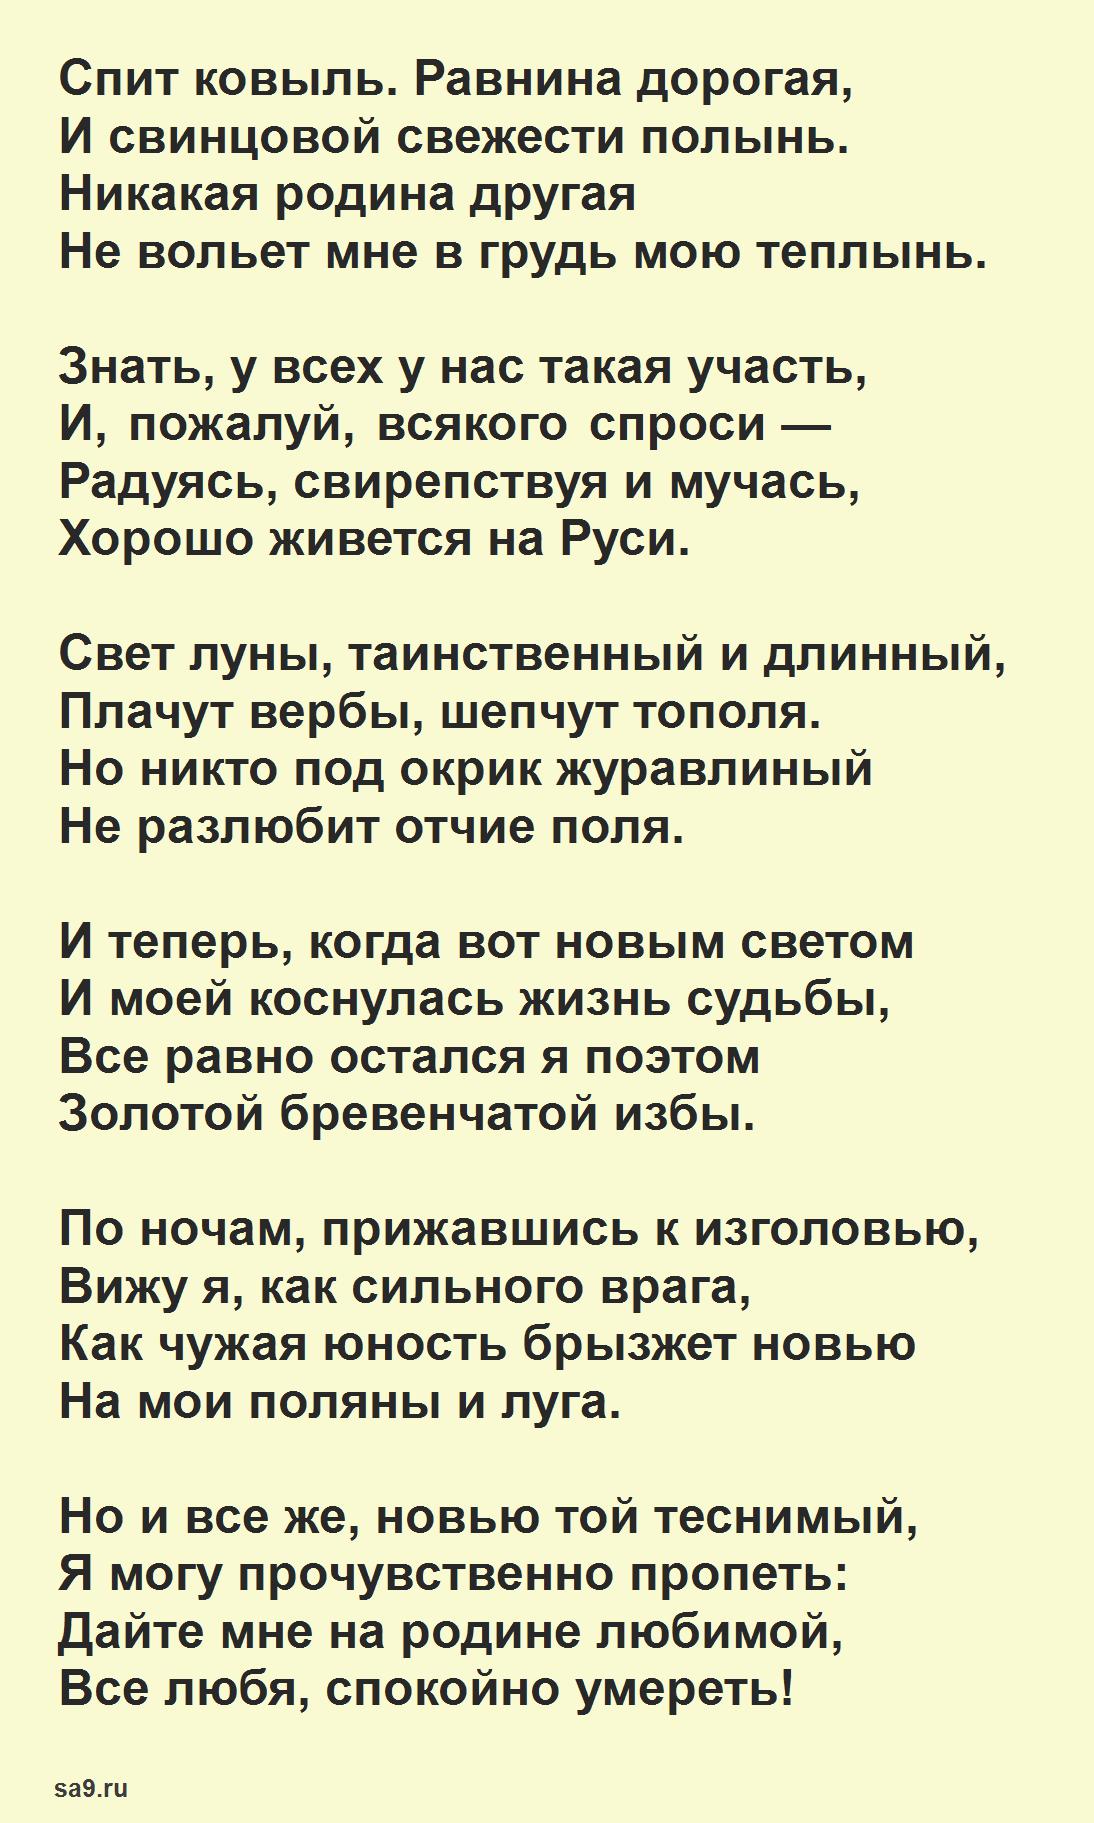 Стихи Есенина, которые легко учатся - Спит ковыль